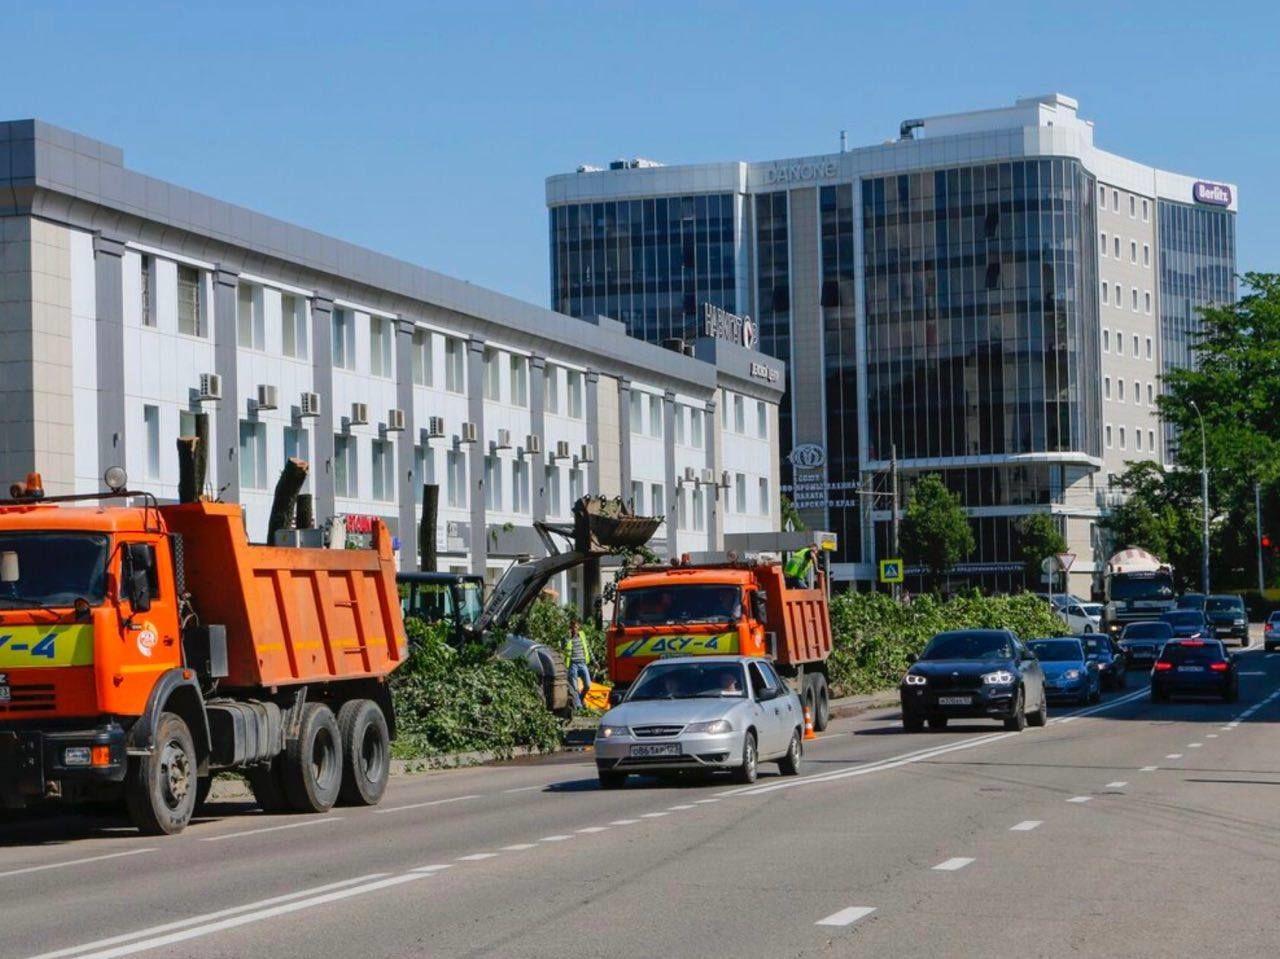 ВКраснодаре появится новый переезд наСтавропольской